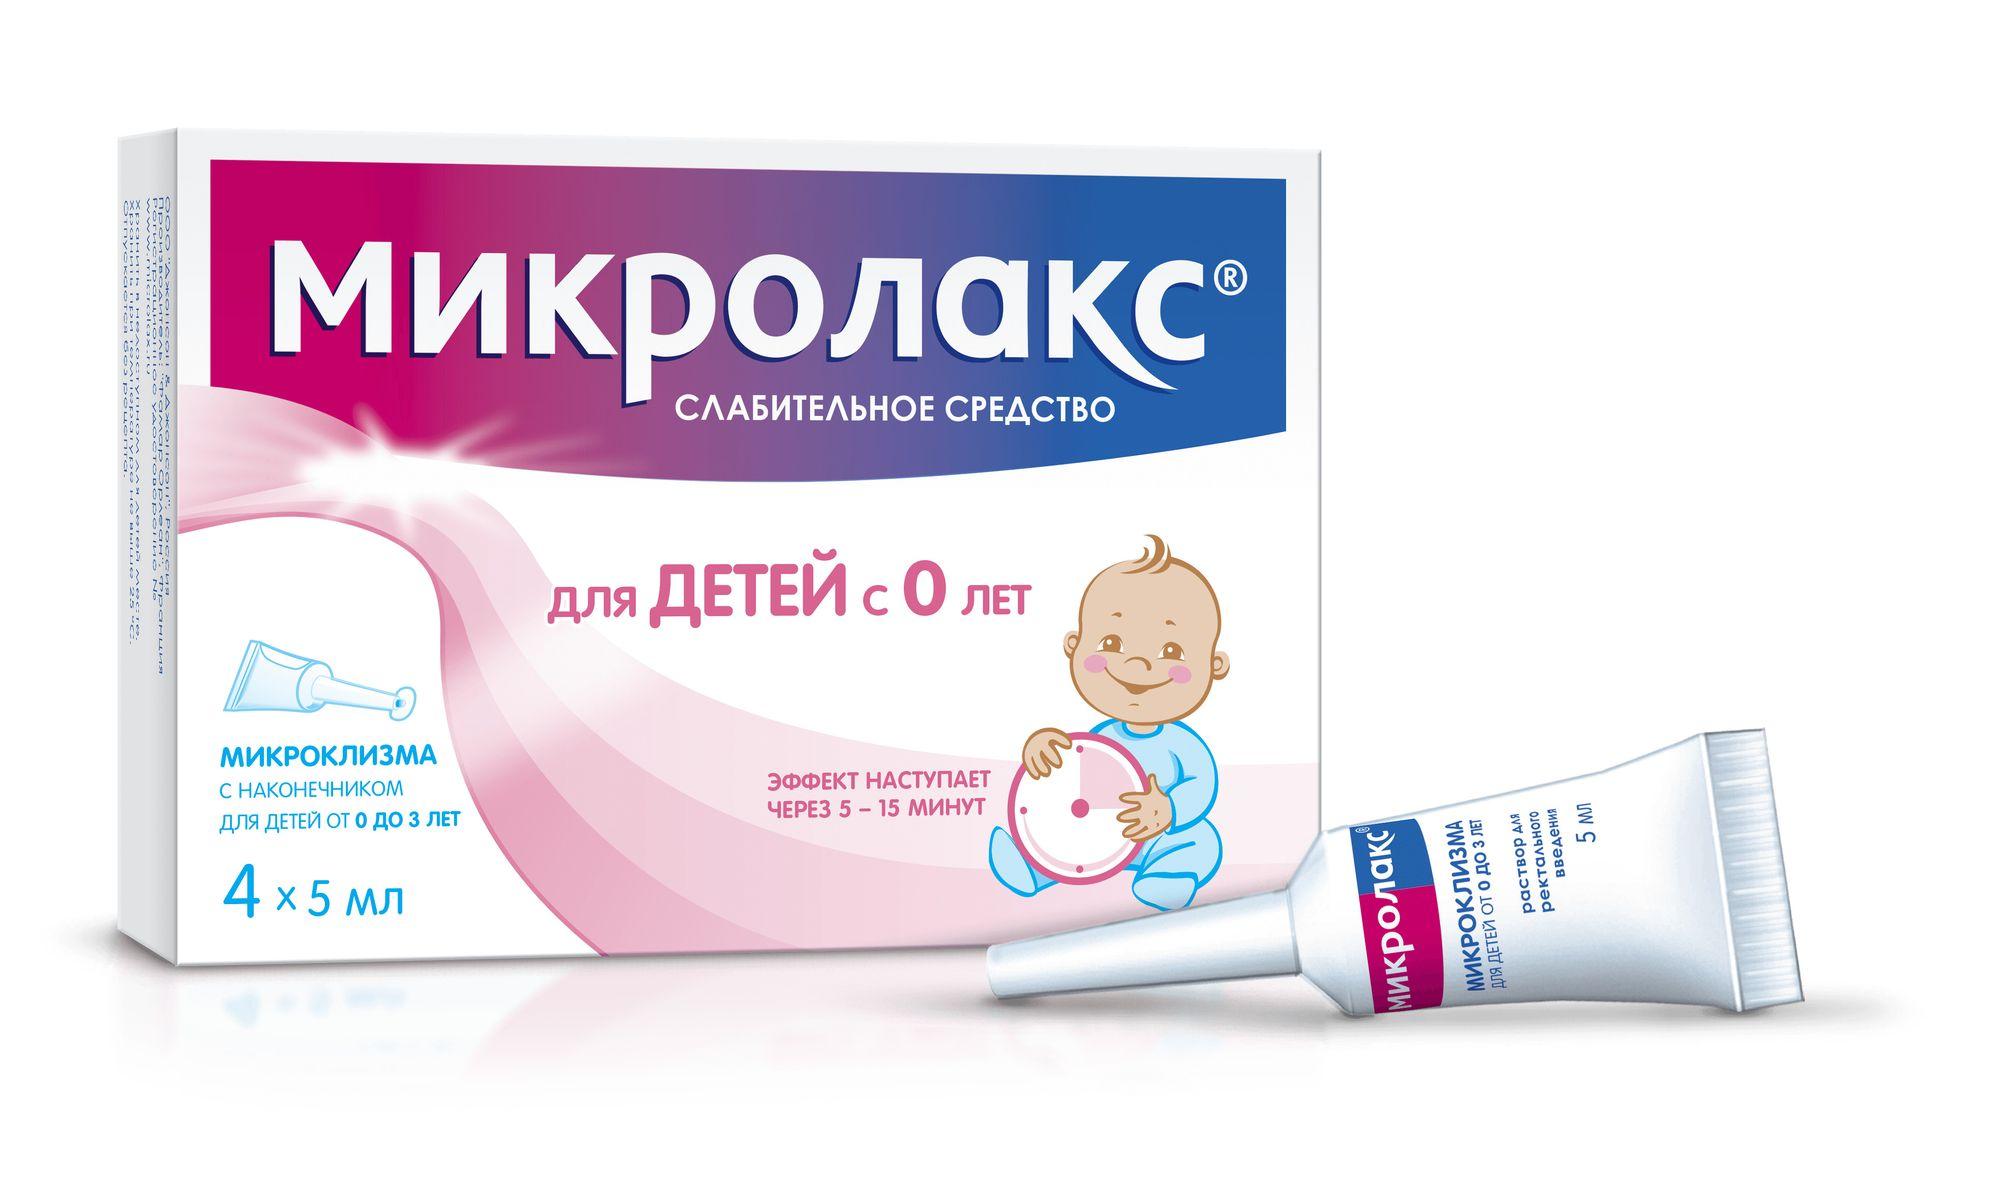 """Микроклизма """"Микролакс"""": инструкция по применению свечей для новорожденных, грудничков и детей старше 3 лет"""